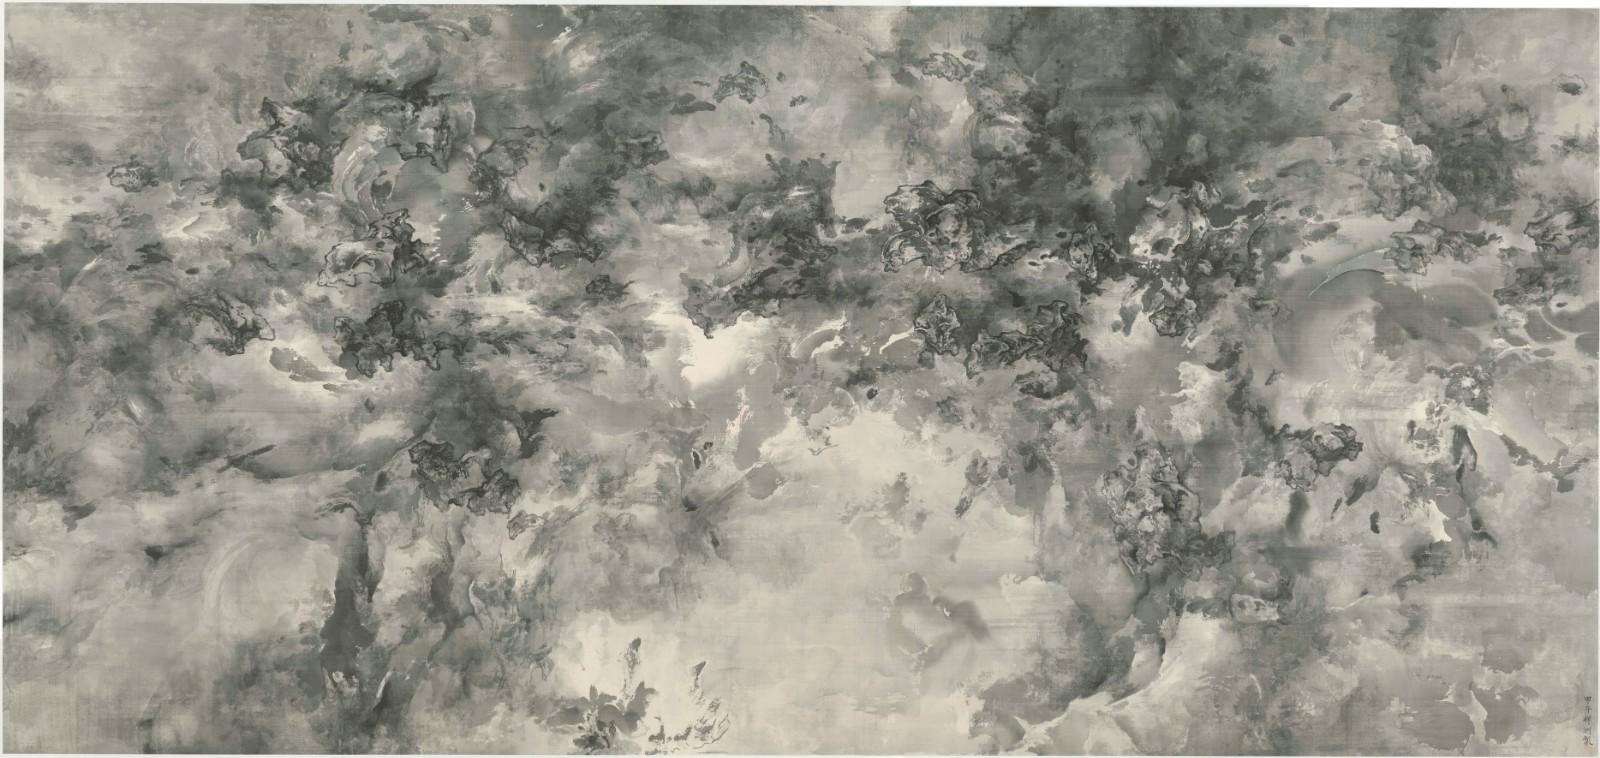 泰祥洲《天象No. 1》, 水墨絹本,2014